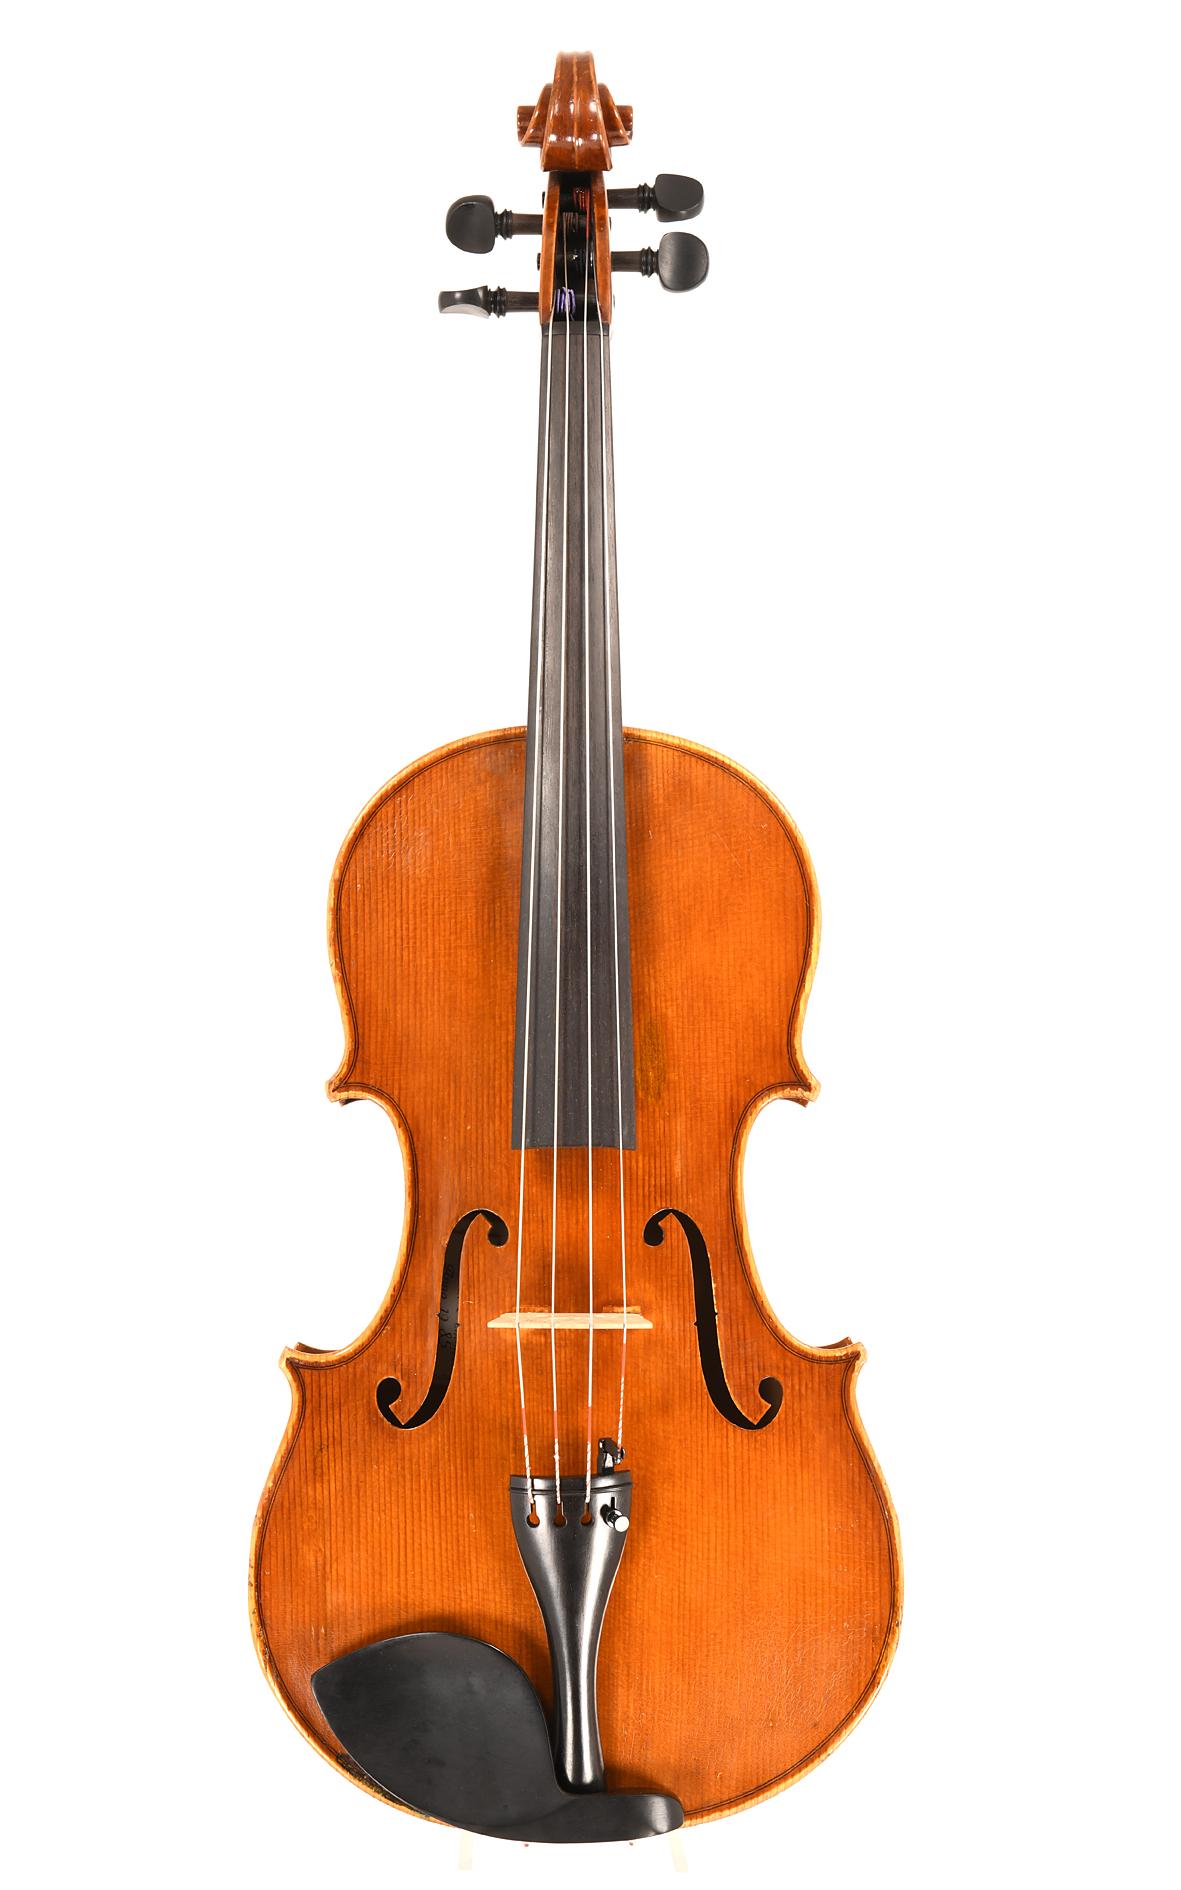 Viola by Stefano Conia, Cremona